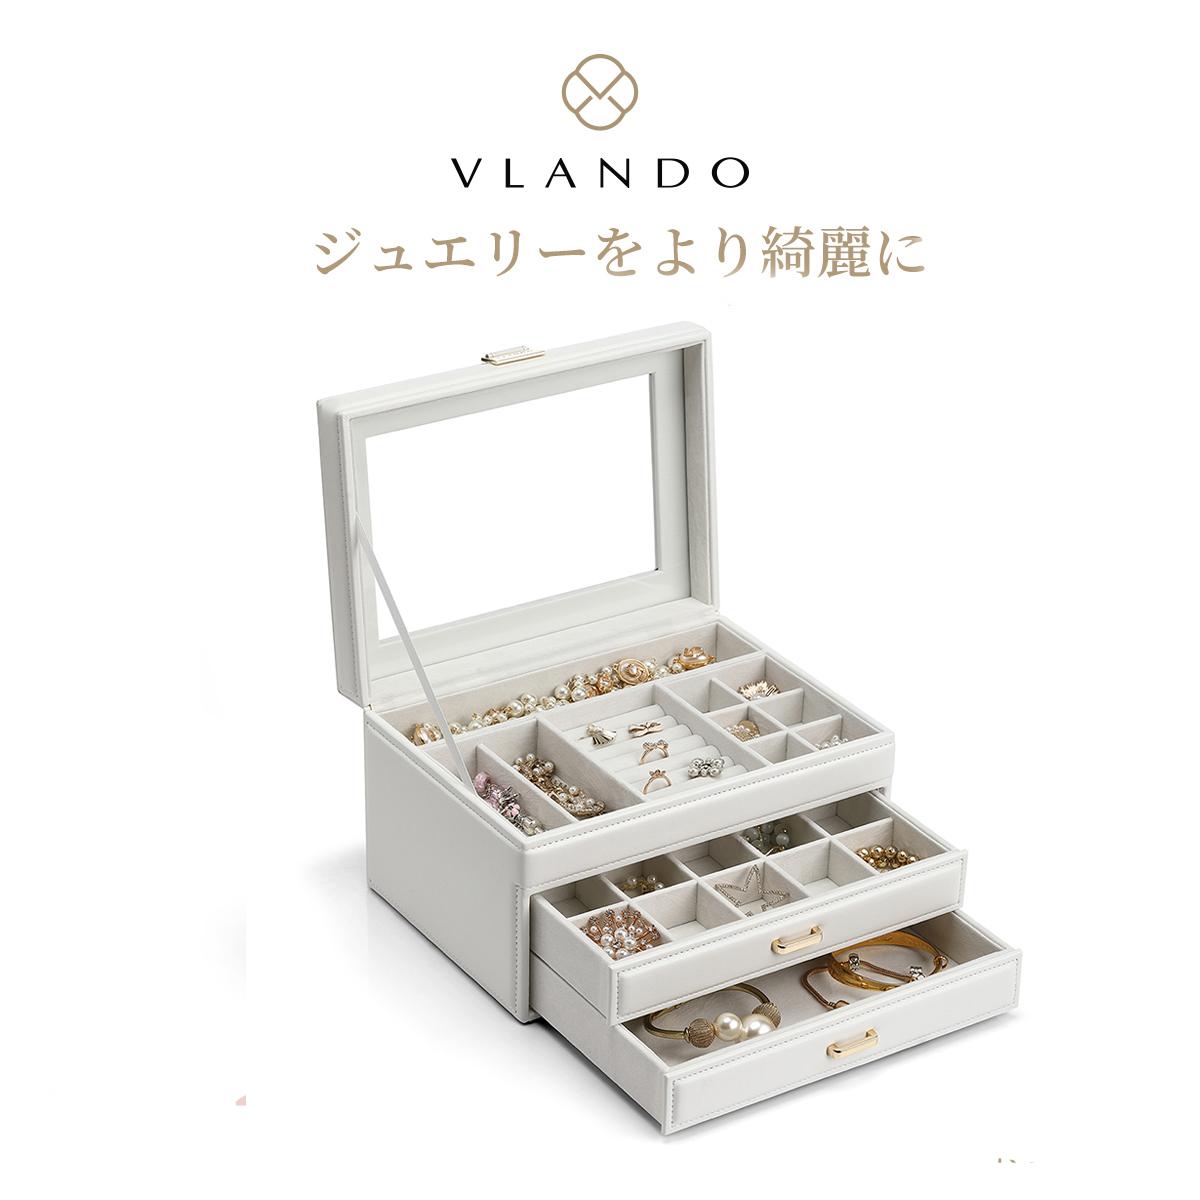 シンプルで上品 ジュエリーボックス OUTLET SALE 新作からSALEアイテム等お得な商品満載 Vlando 透明 大容量 アクセサリーケース 引出し